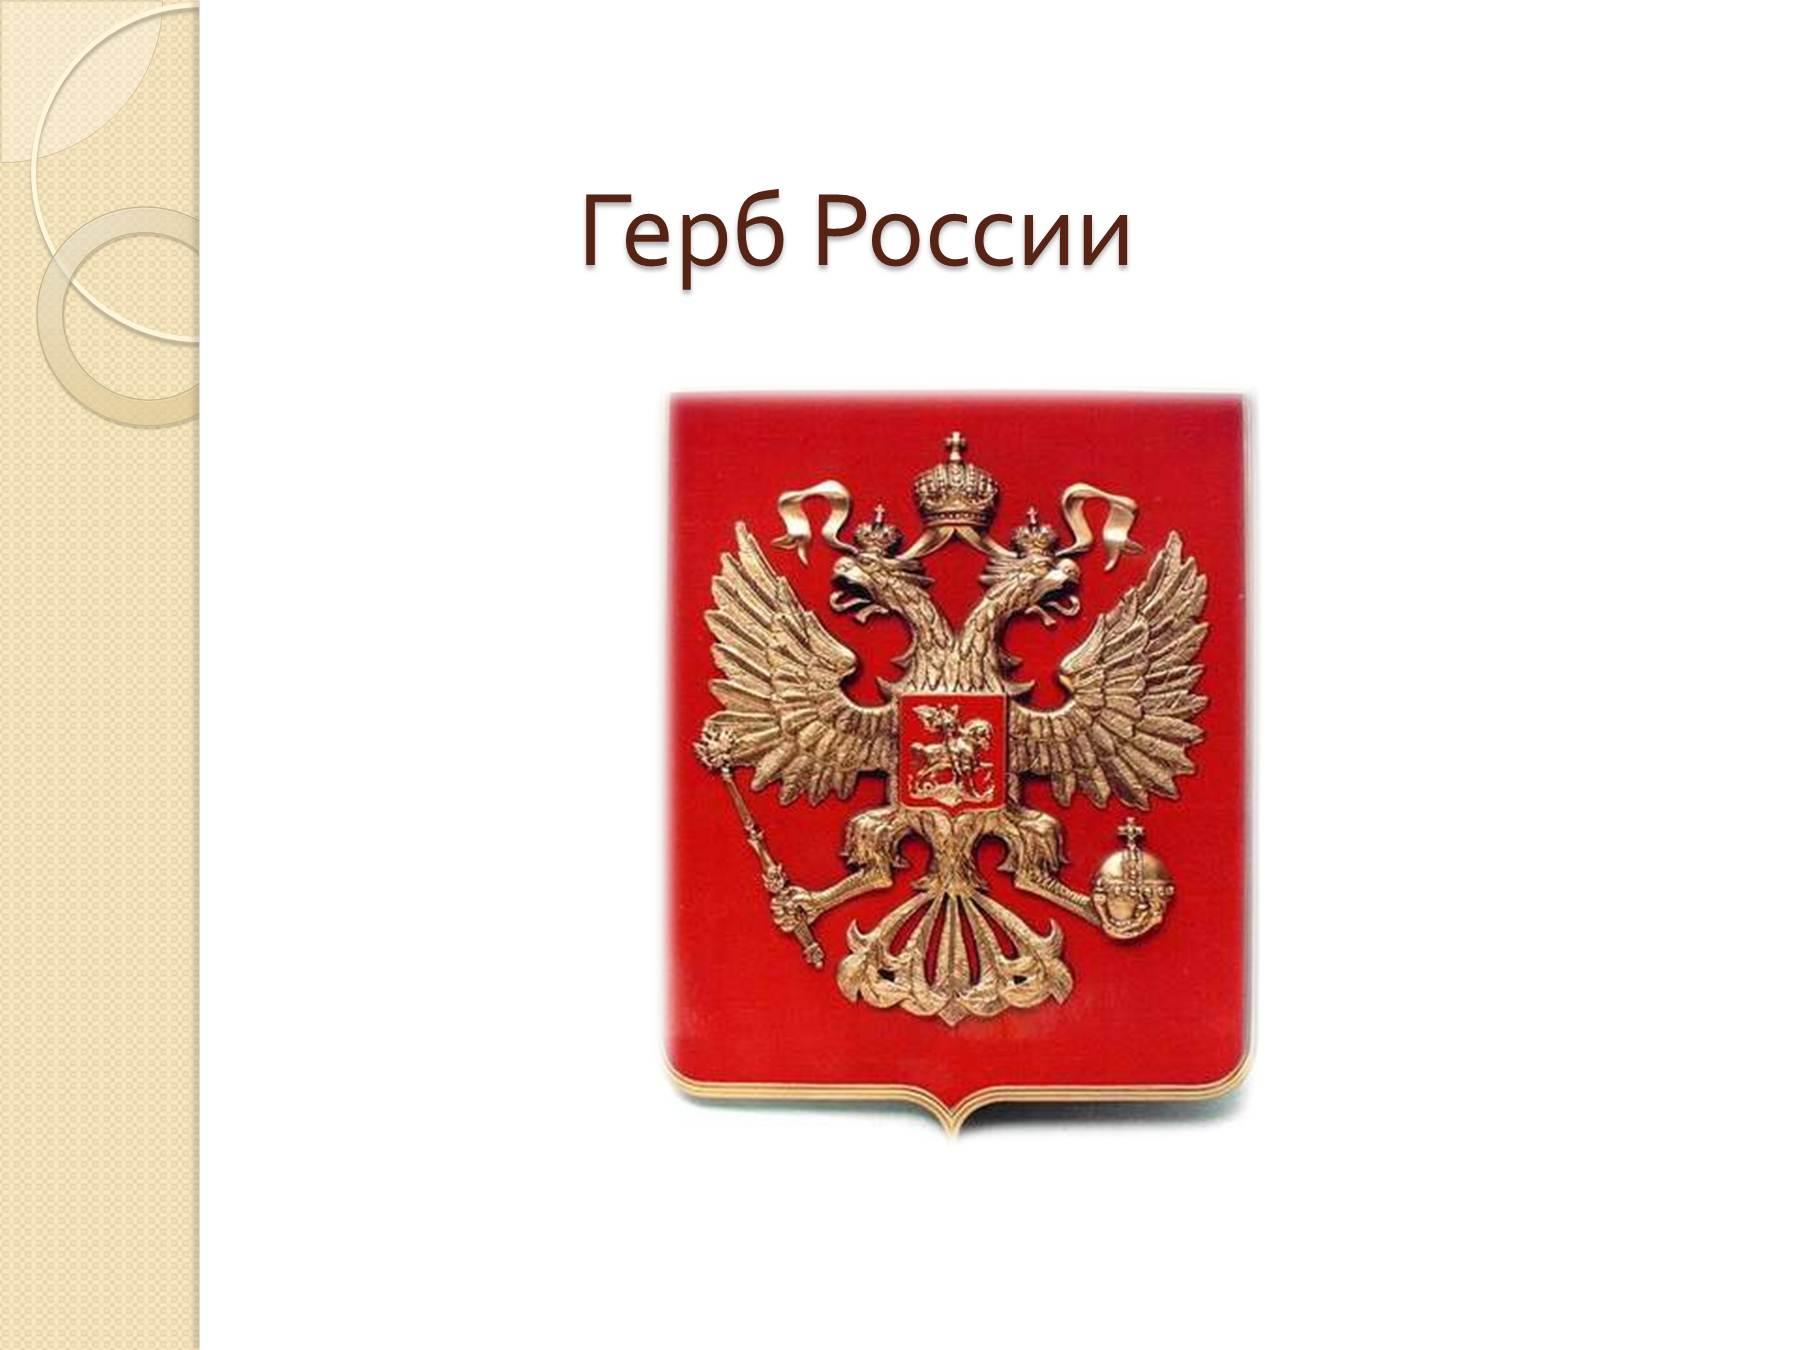 фото гербов разных стран с названиями подозревает